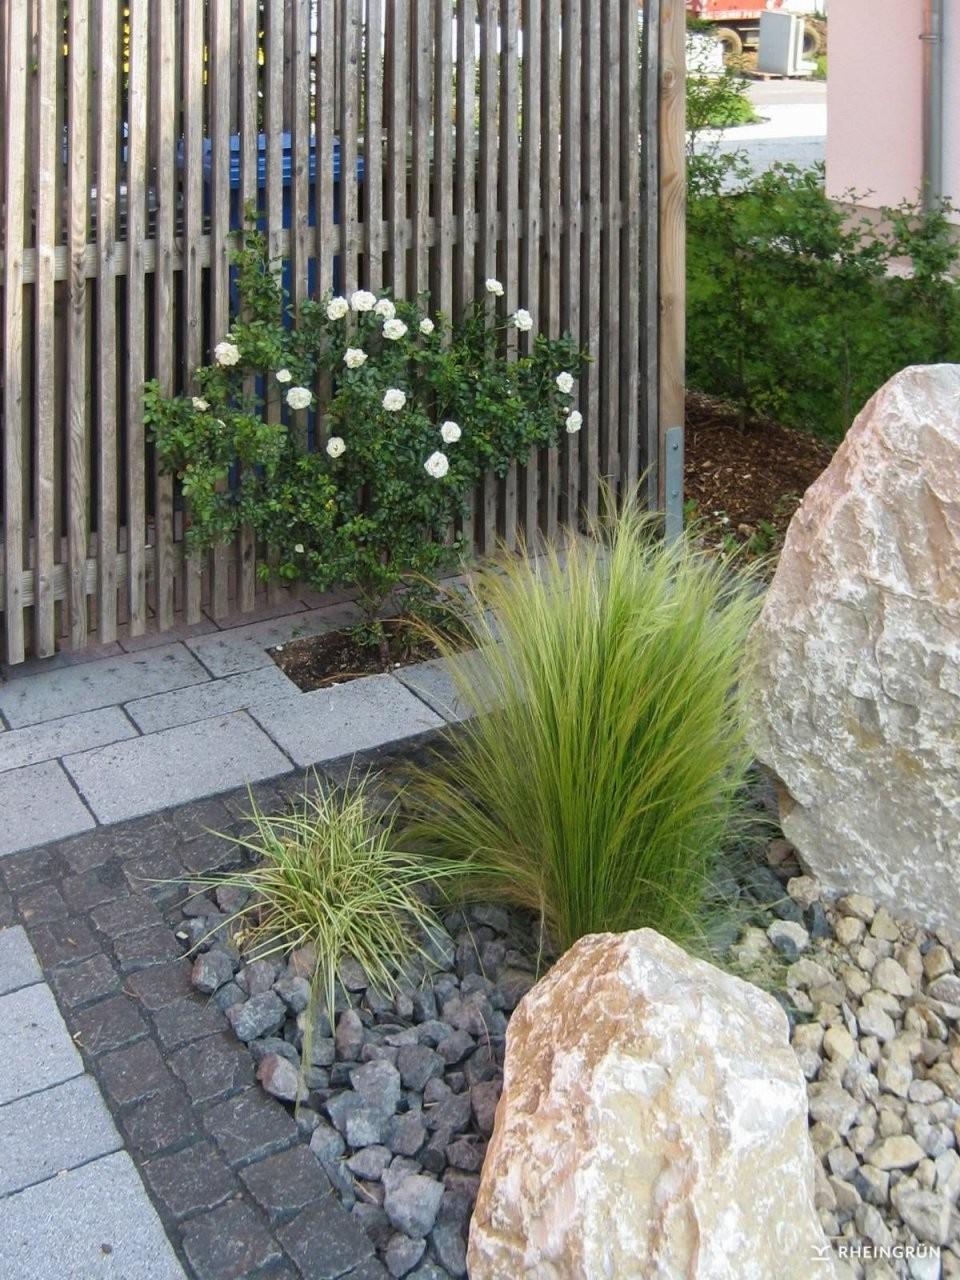 Pflegeleichter Vorgarten Mit Großen Steinen Und Gräsern  Japanische von Gartengestaltung Mit Kies Und Gräsern Photo